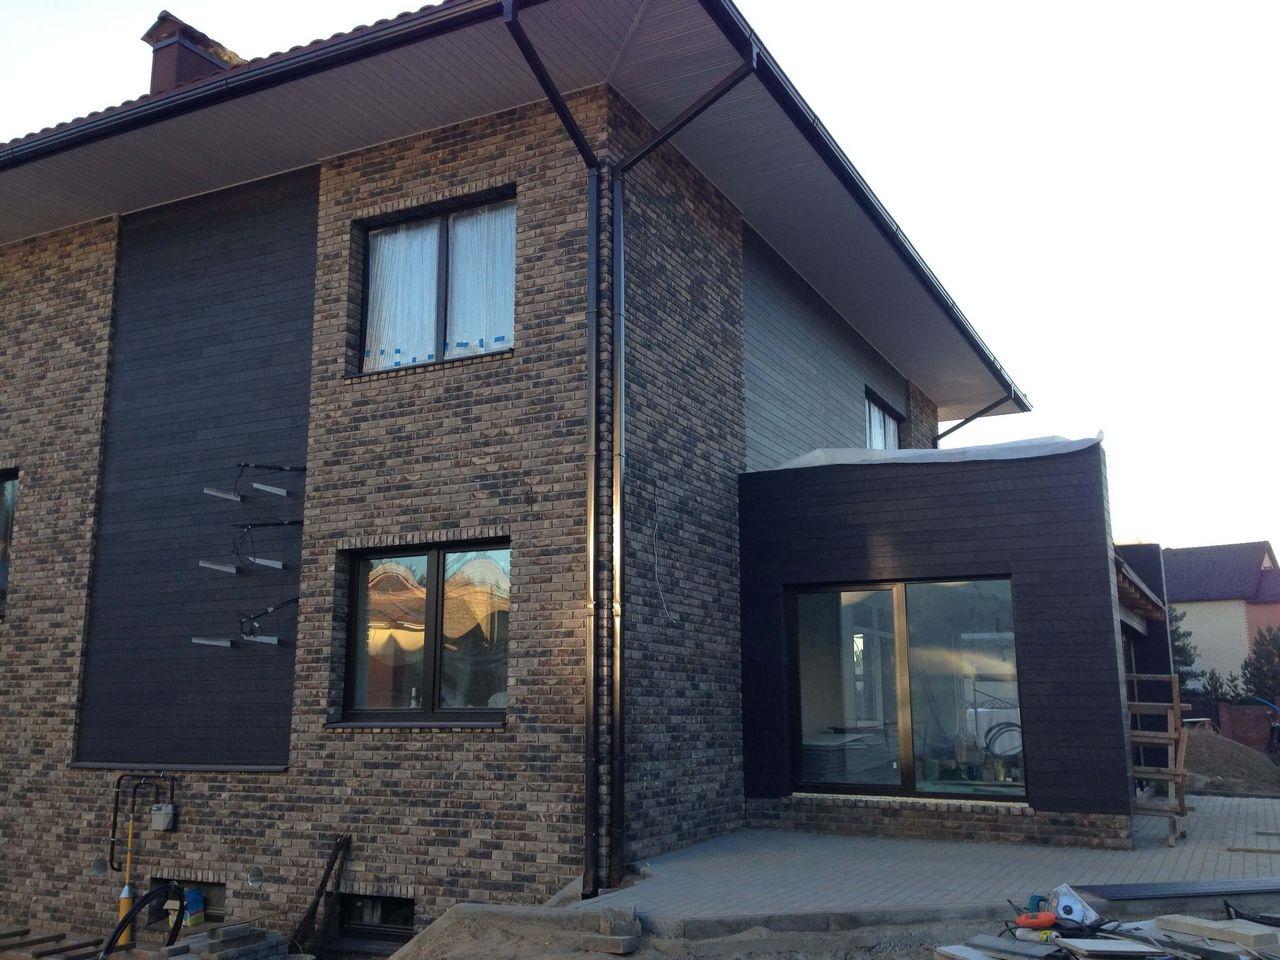 там, фото домов с отделкой вентилируемого фасада камнем собак если